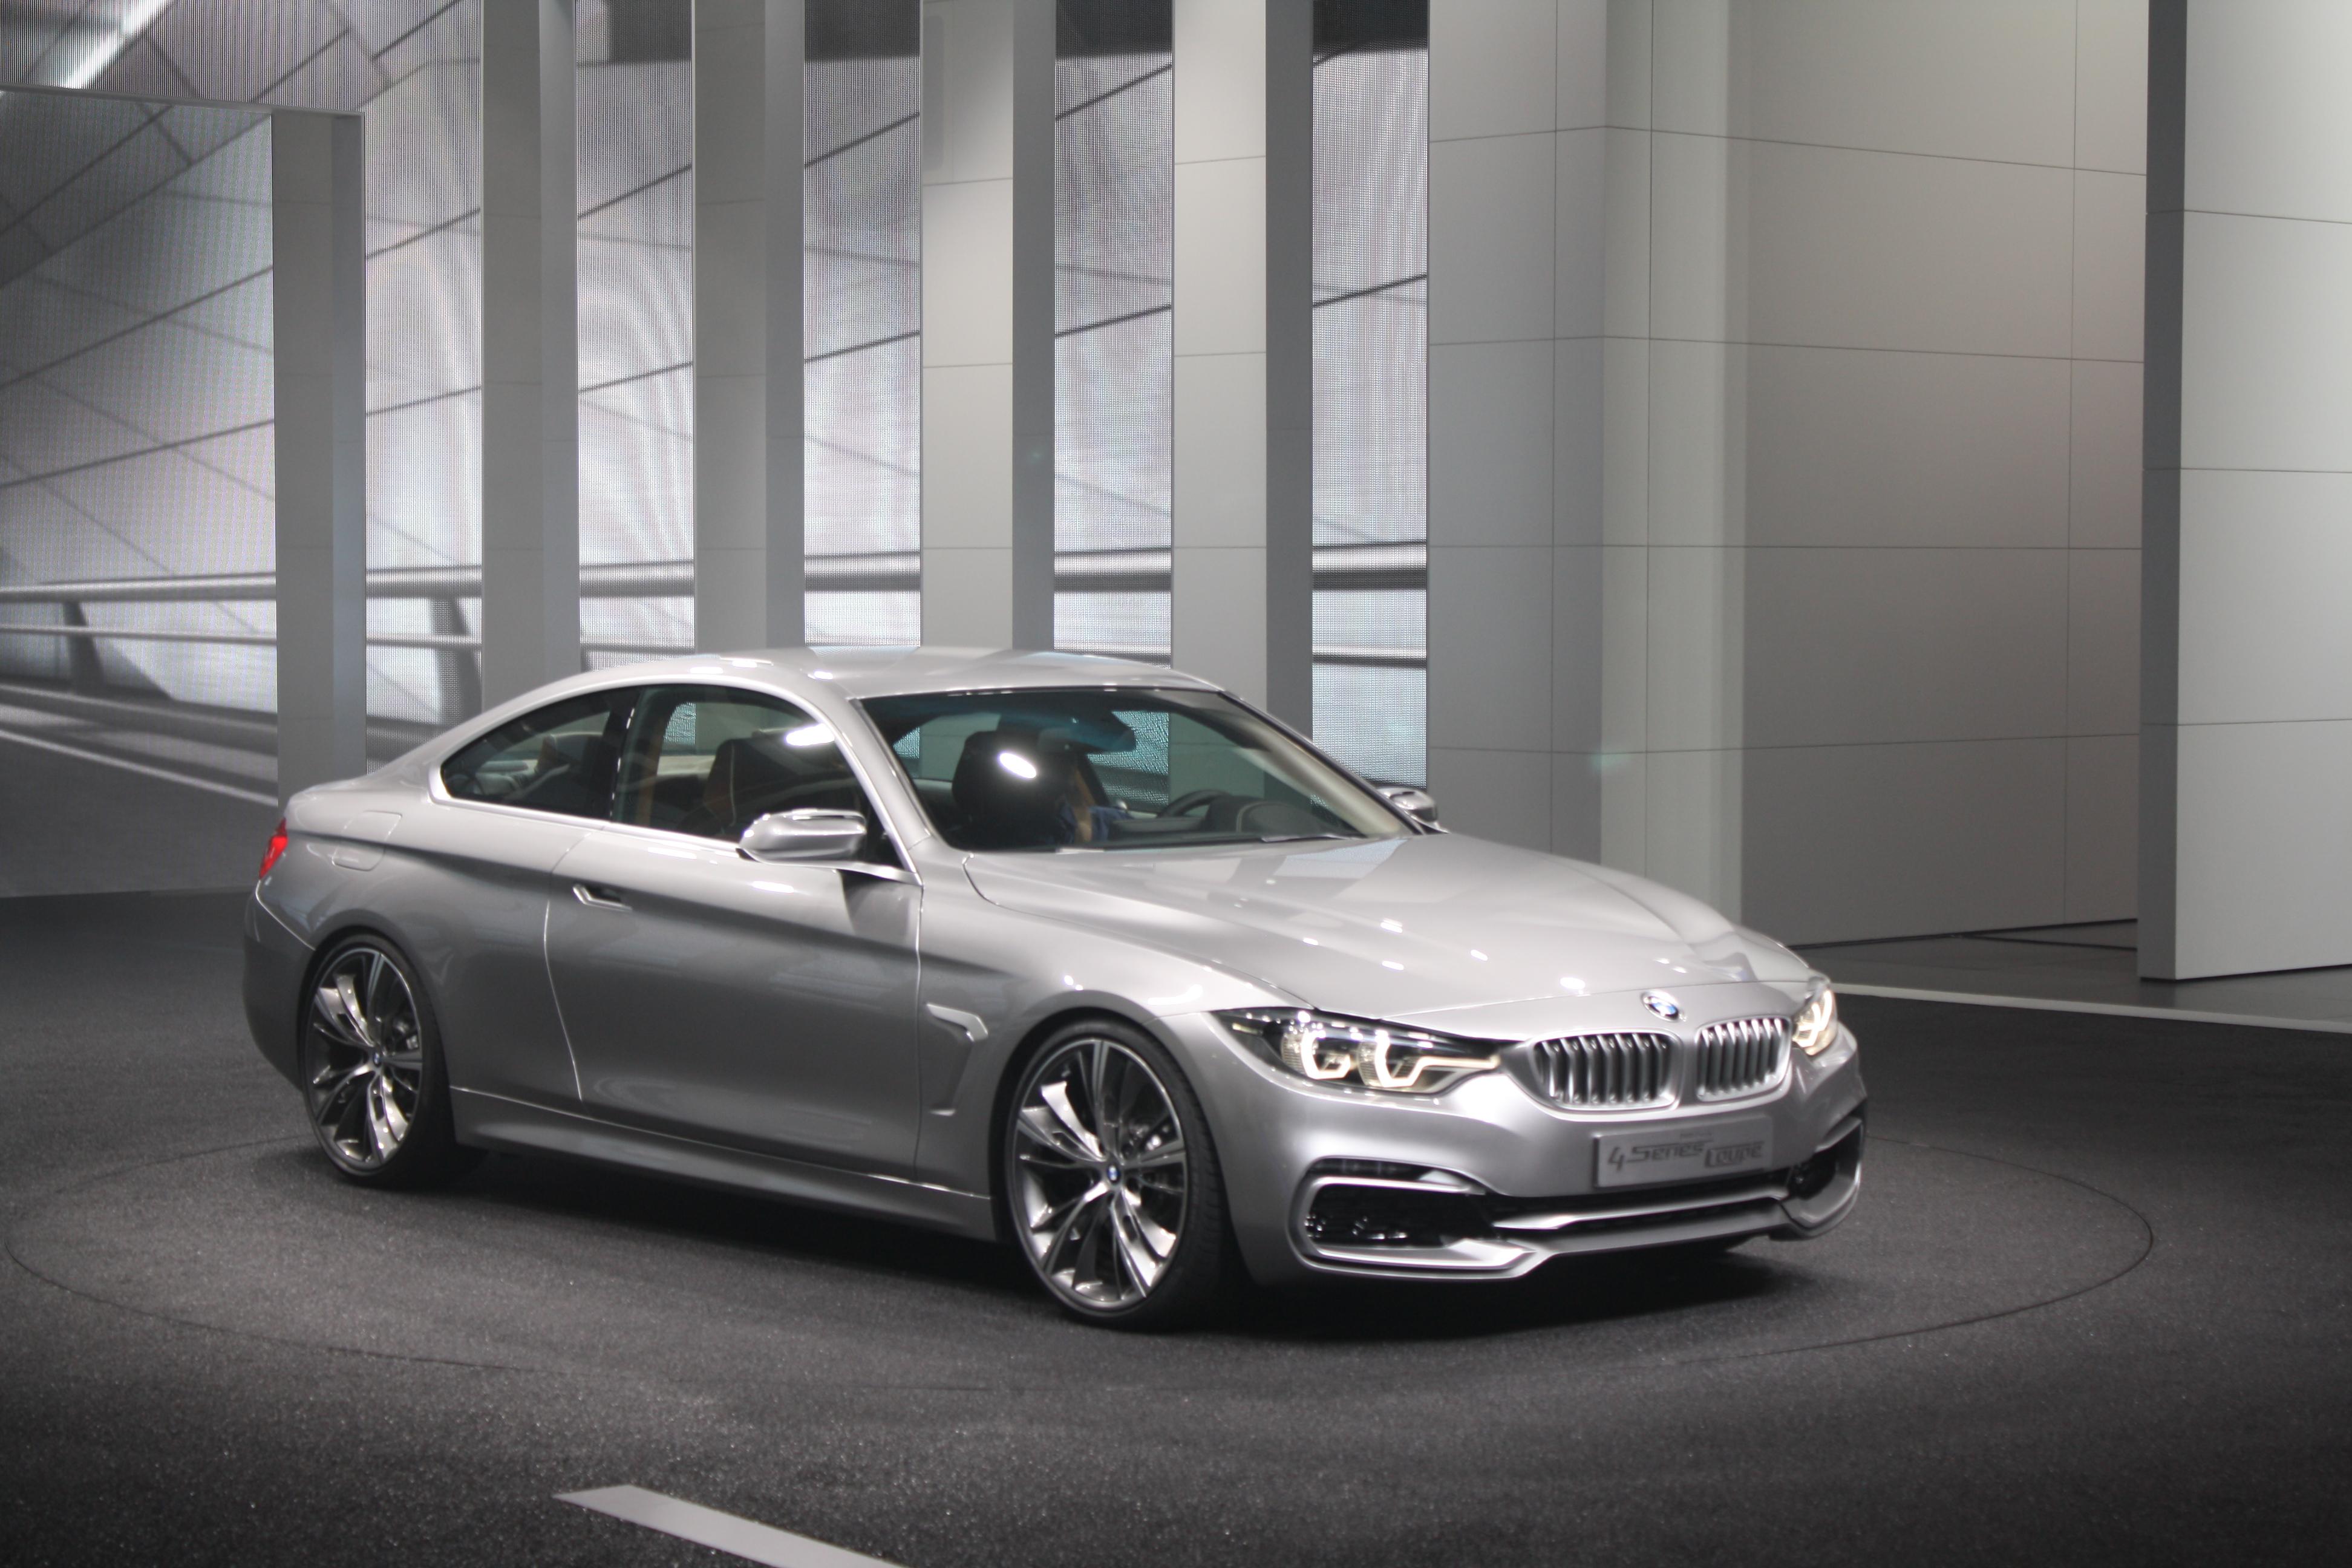 Detroit 2013: BMW 4 Series Coupe Concept - Autosavant | Autosavant